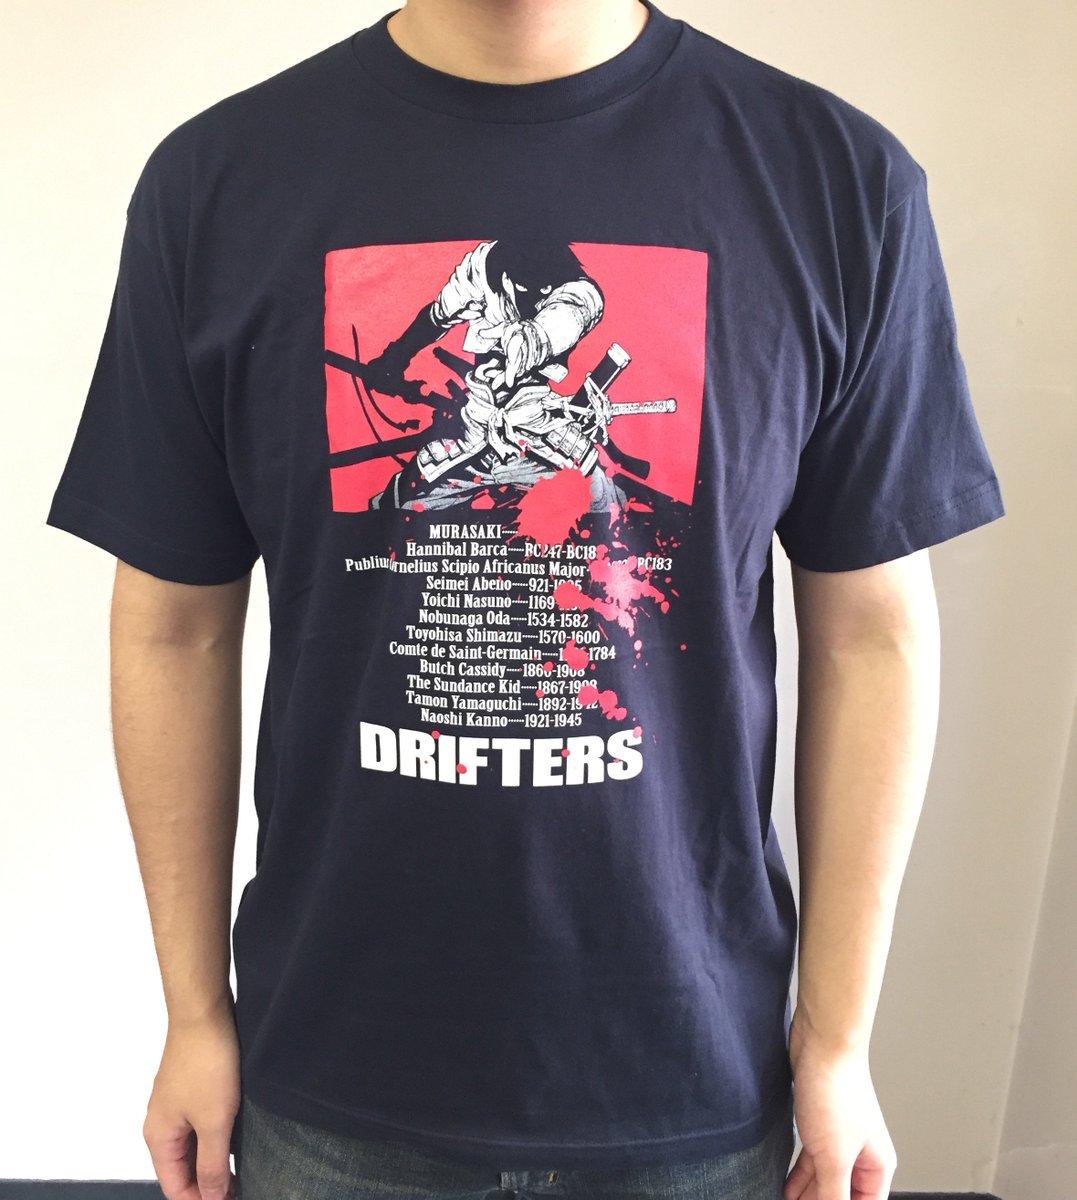 【Character 1 2017 グッズ情報】◆『ドリフターズ』漂流者Tシャツ(L) ¥3500◆平野耕太先生のイラス